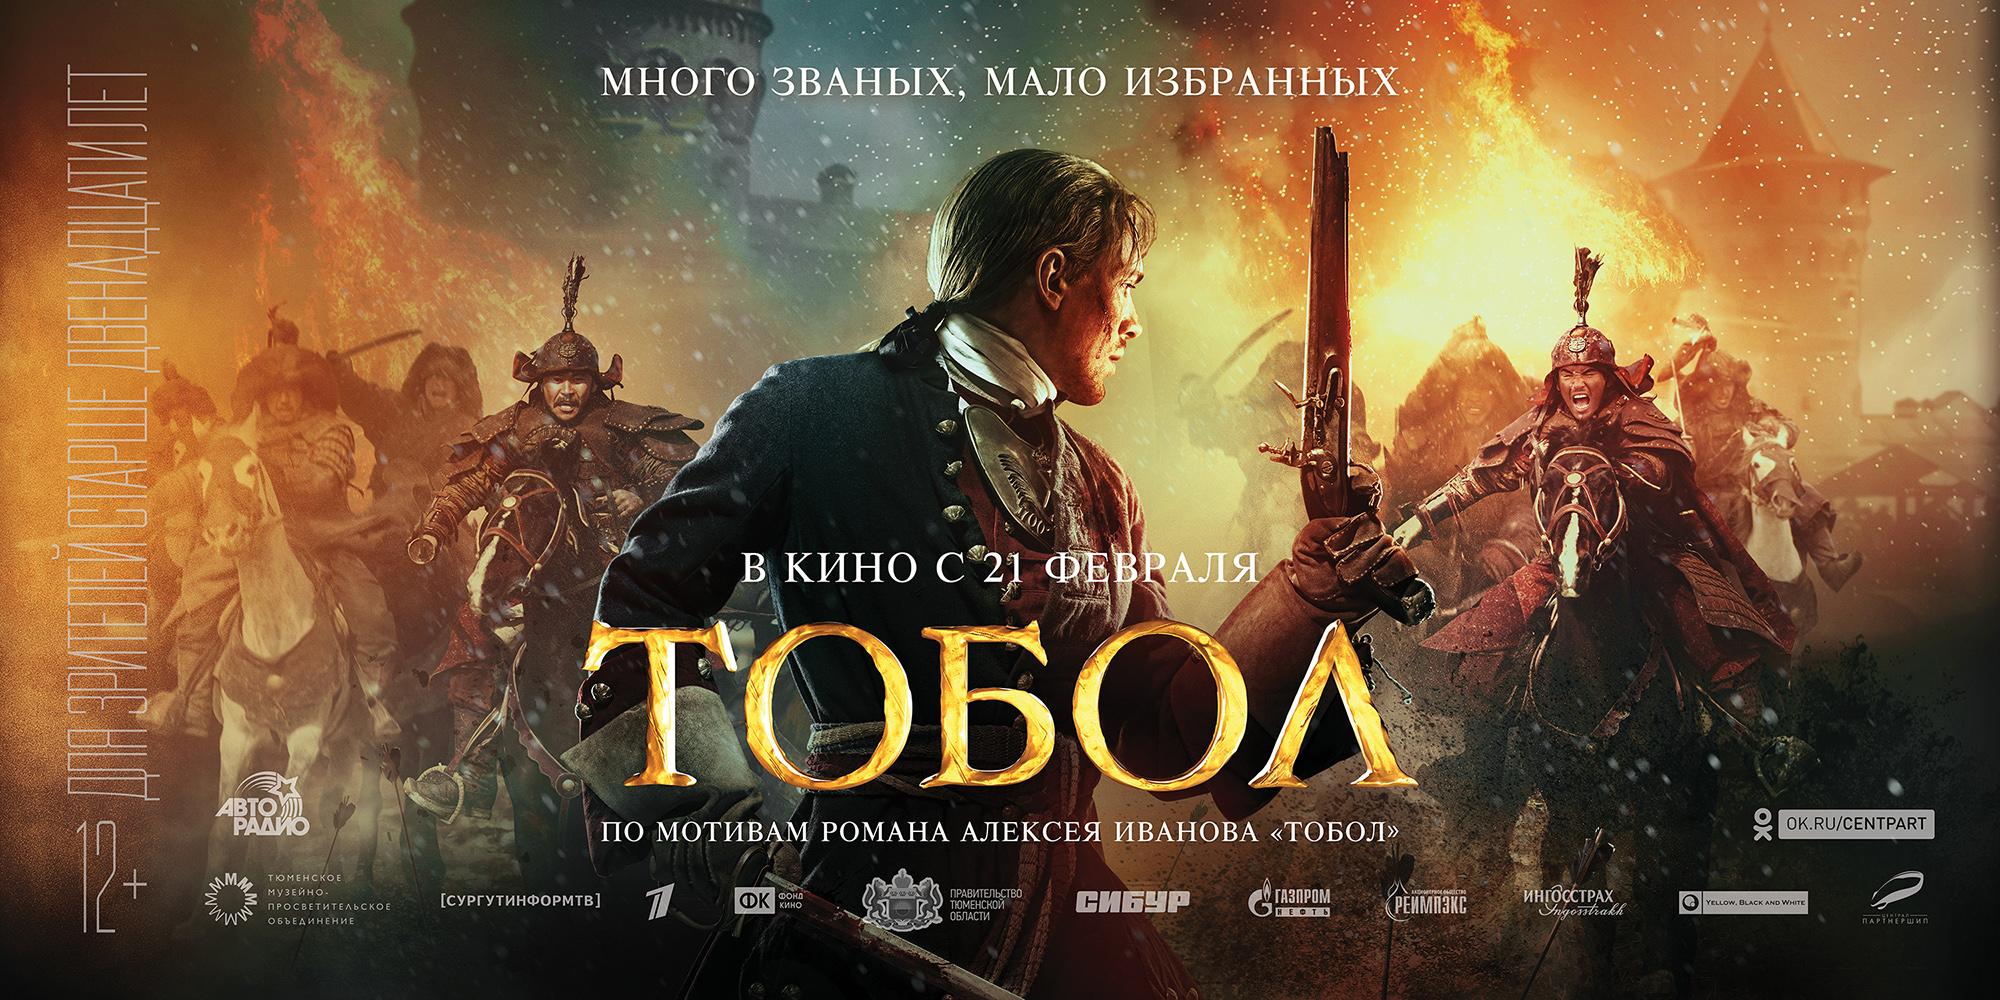 Фильм Тобол